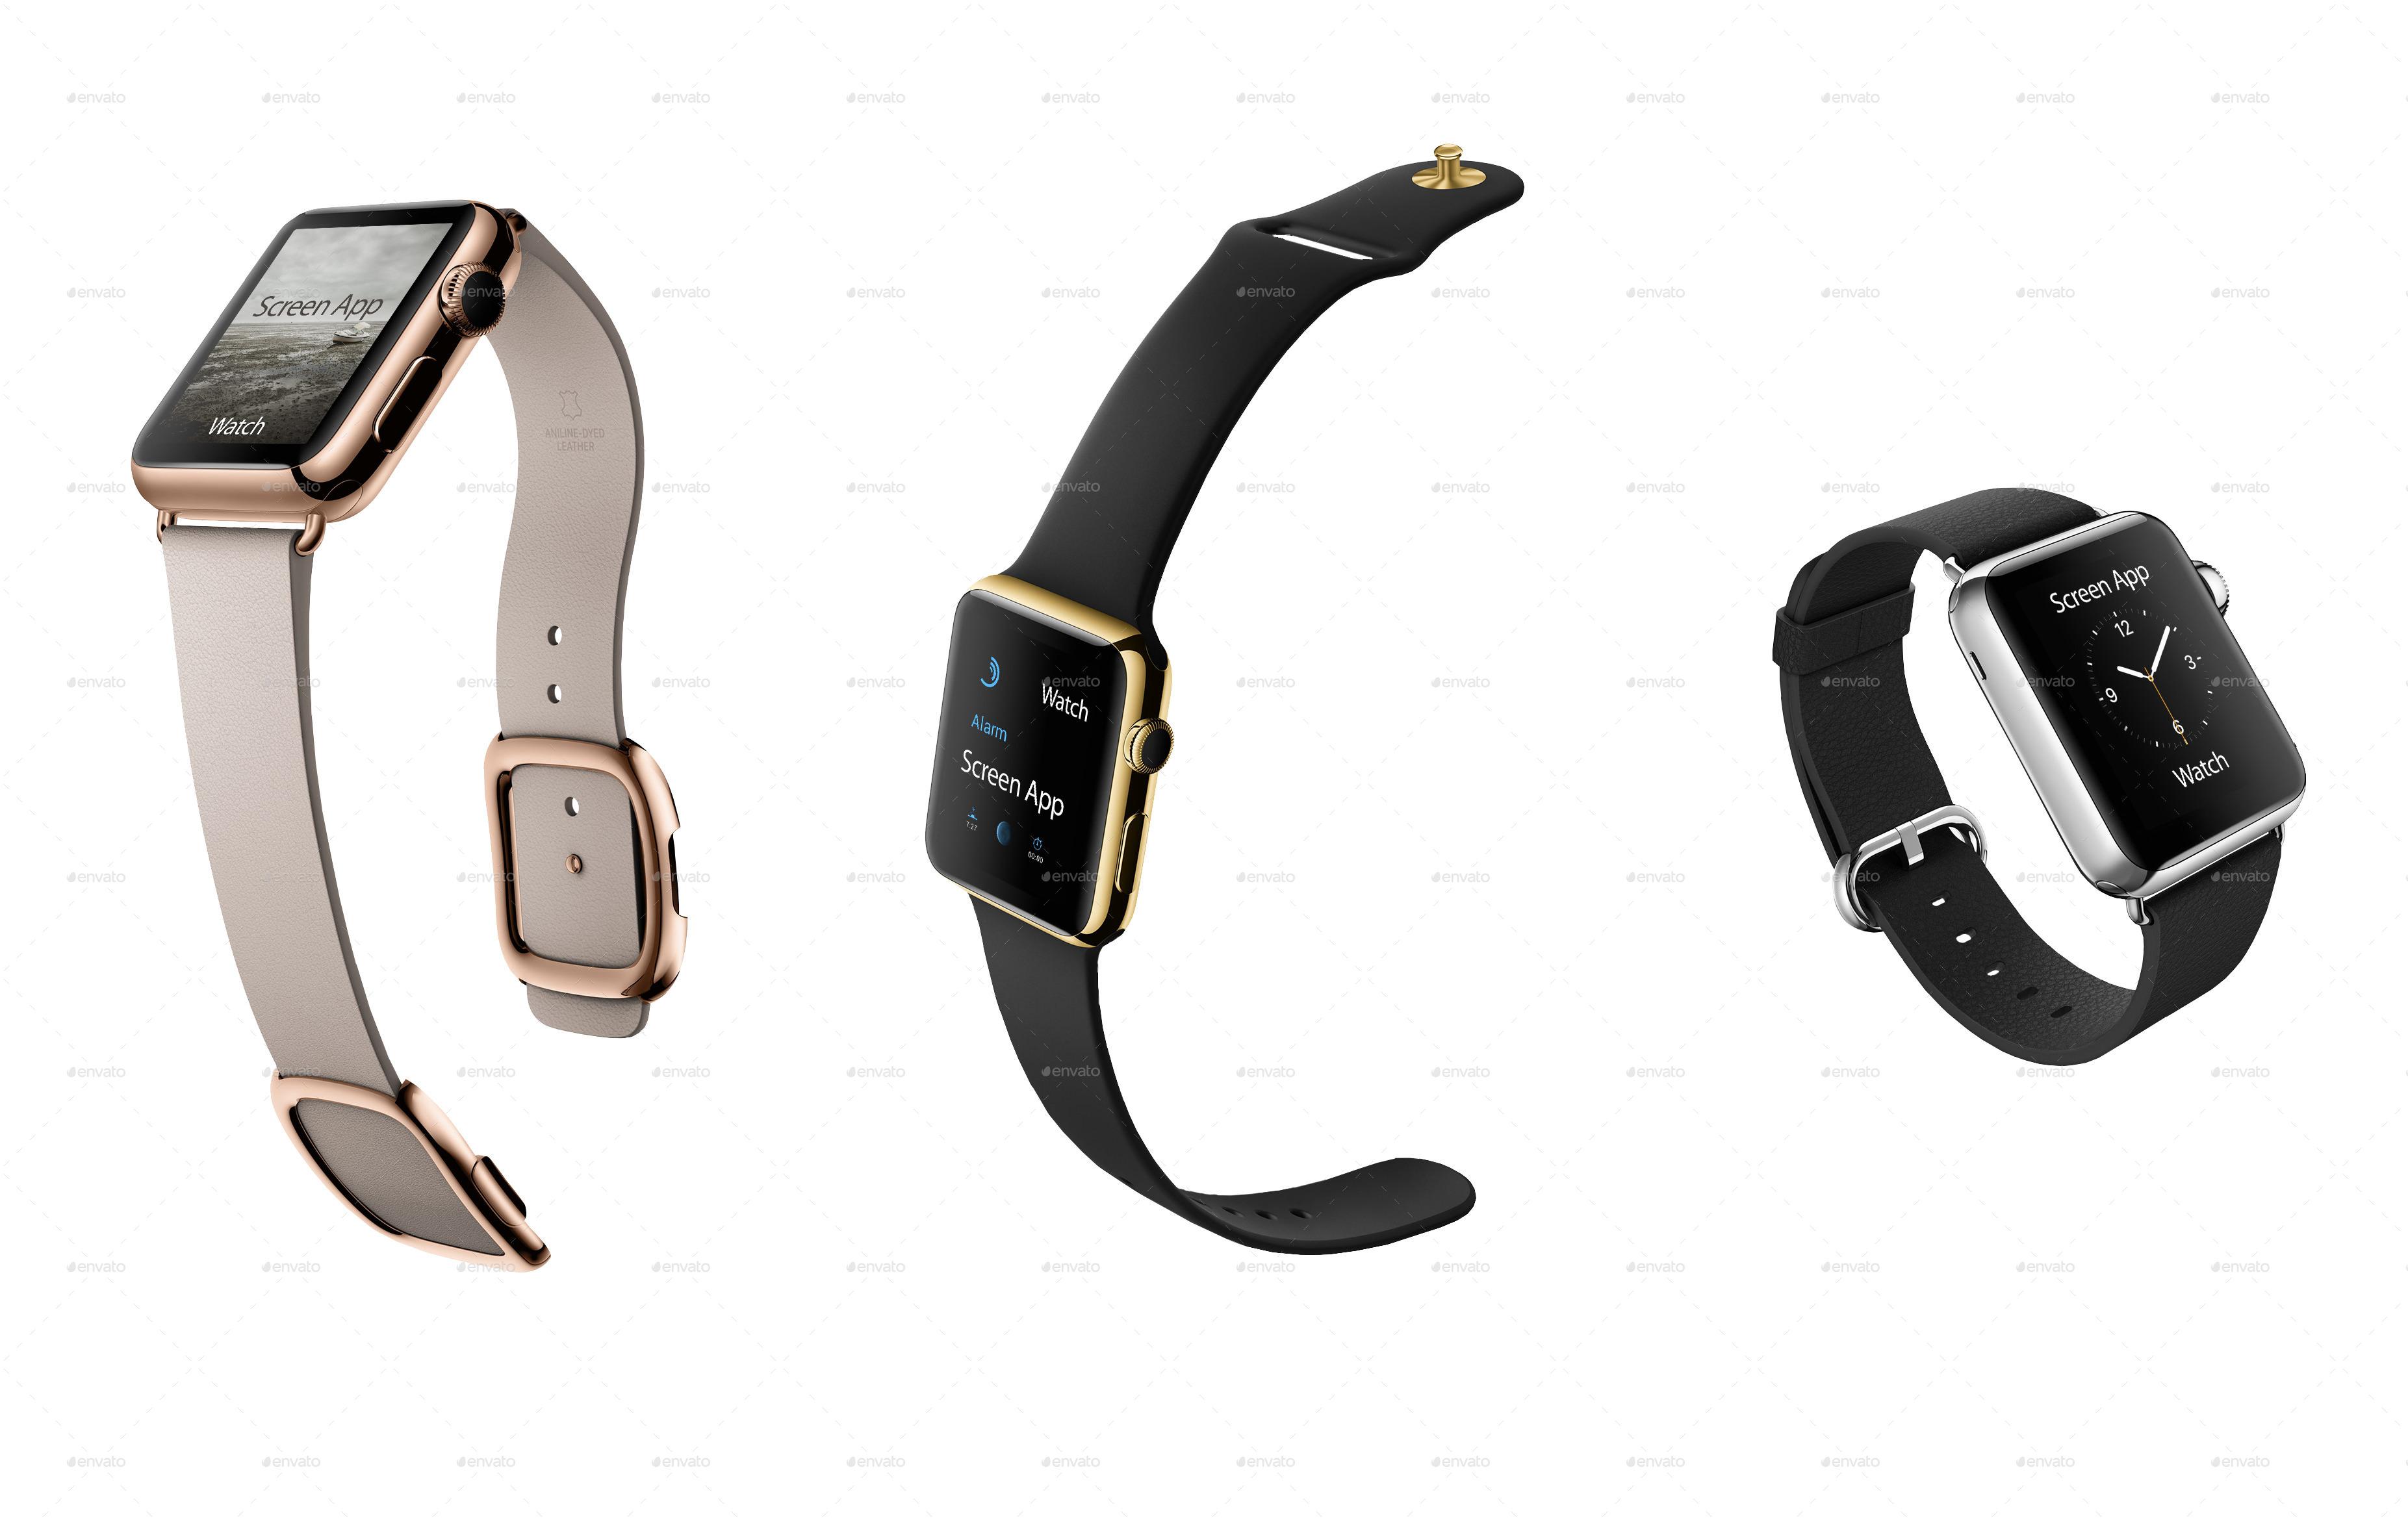 Smart Apple Watch Mockup Ideas